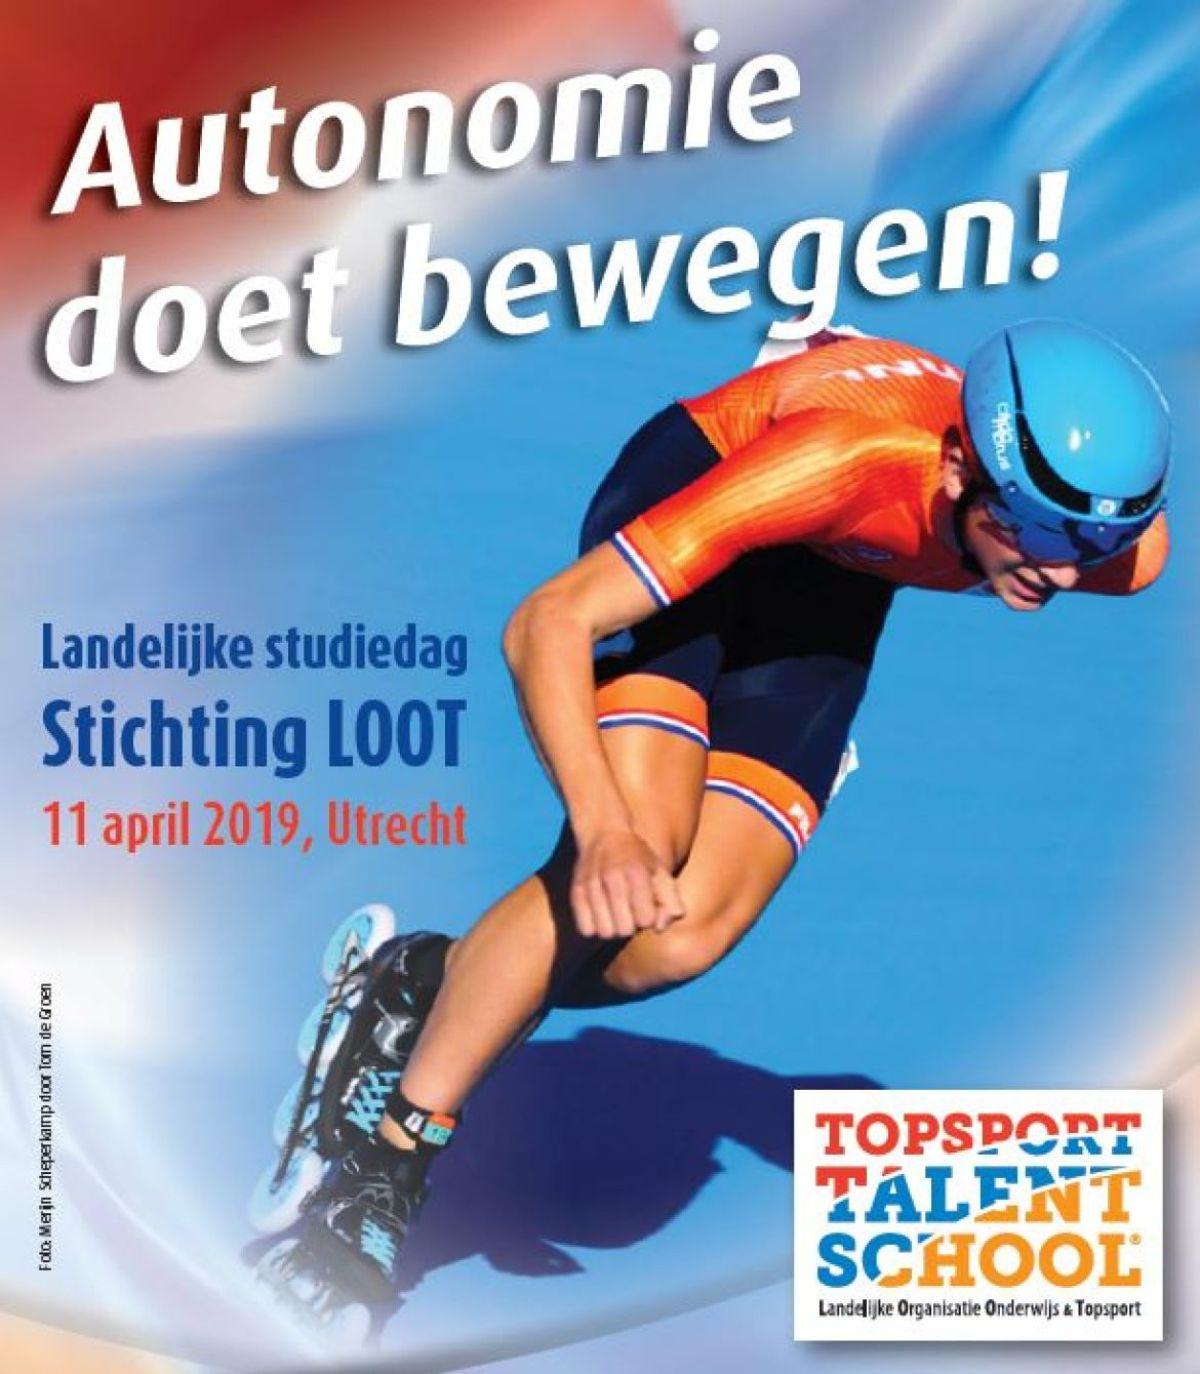 Geslaagde landelijke LOOT-dagen, dit keer in Utrecht